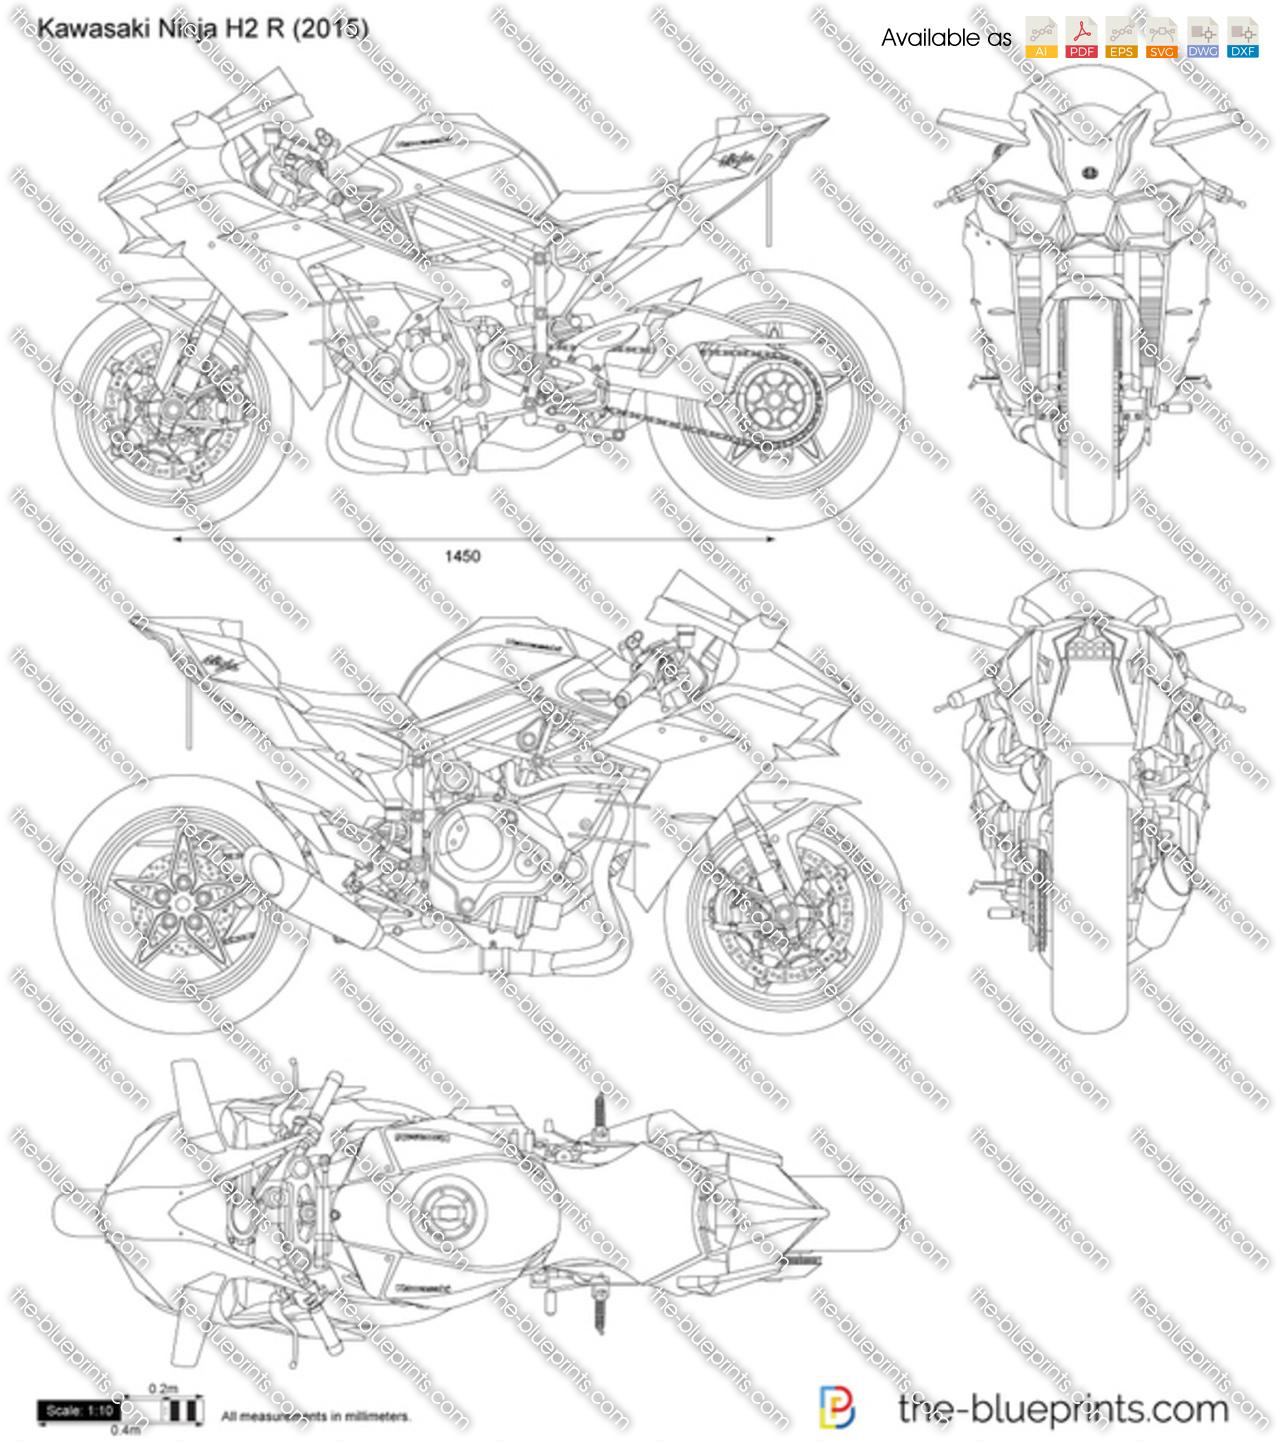 Kawasaki Ninja H2 R 2017